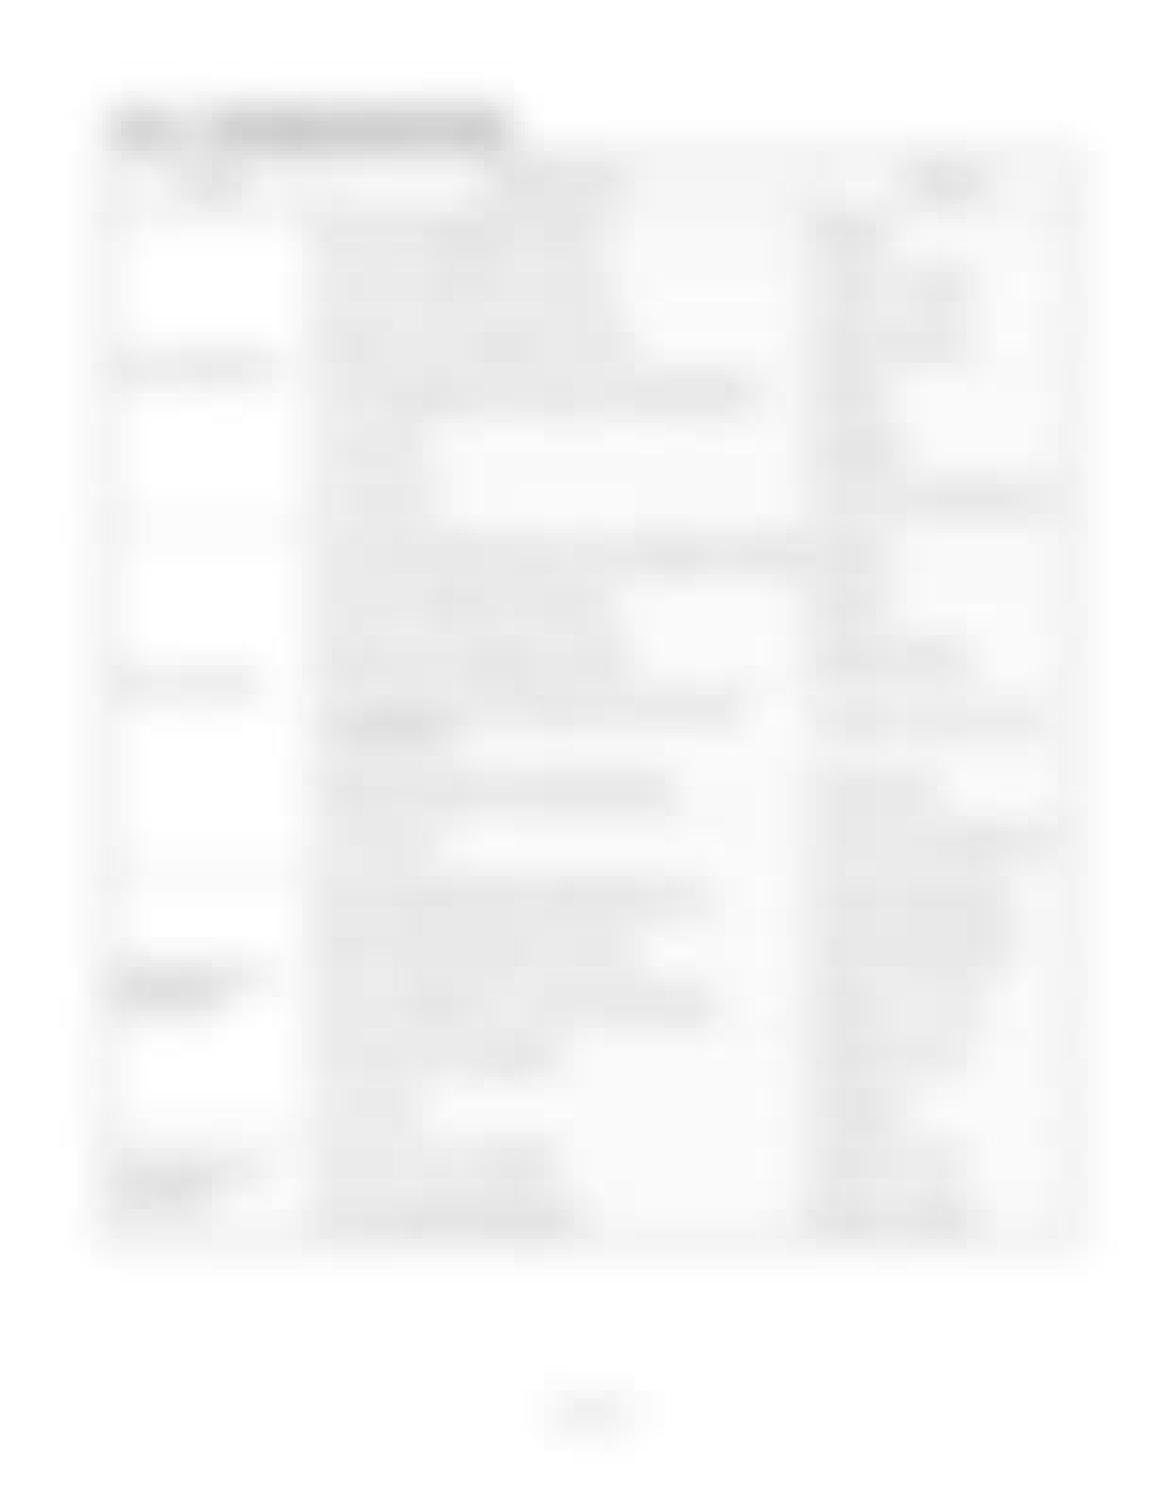 Hitachi LX110-7 LX130-7 LX160-7 LX190-7 LX230-7 Wheel Loader Workshop Manual - PDF DOWNLOAD page 183